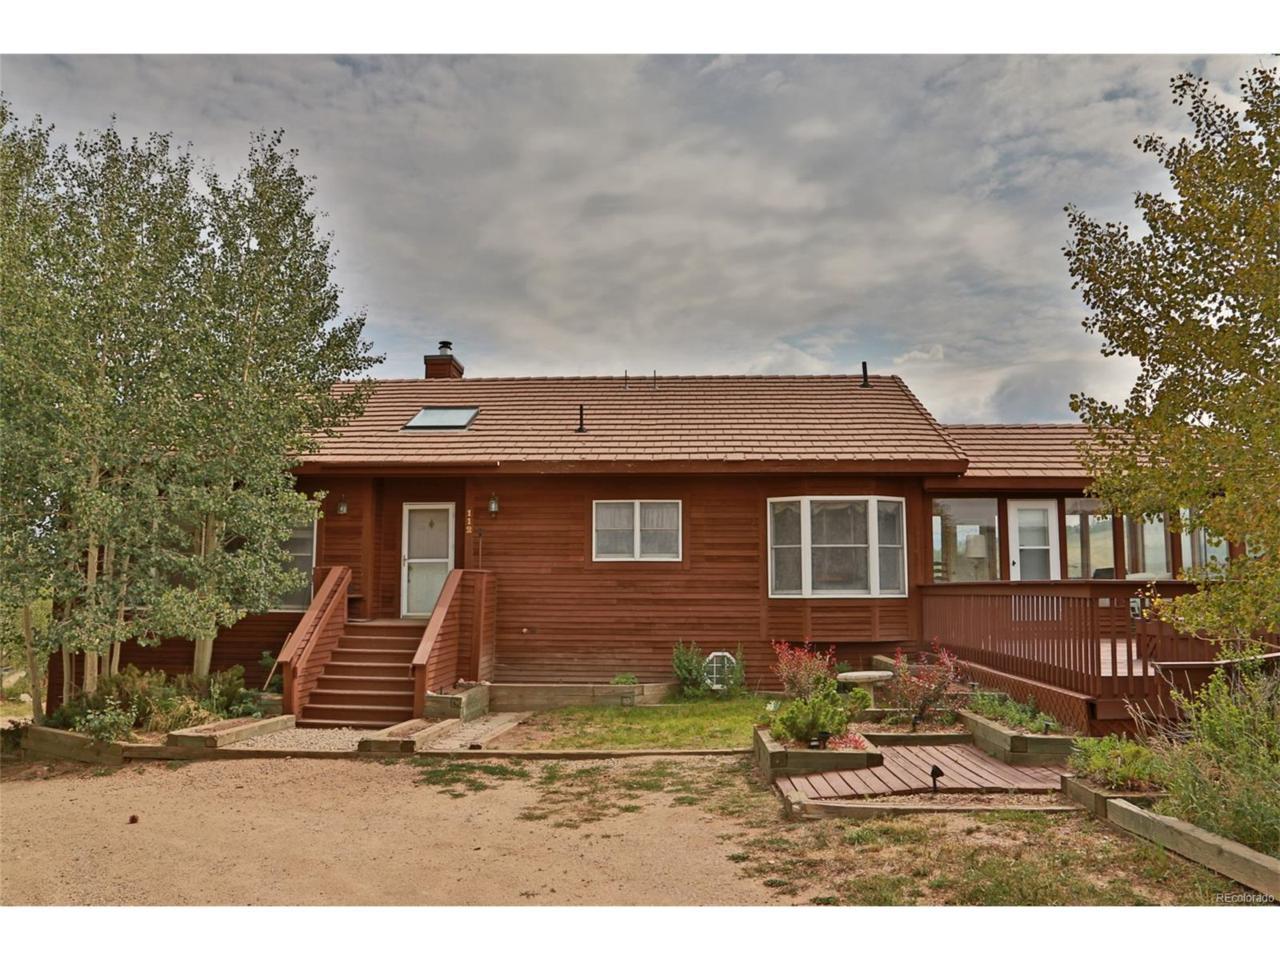 112 Gcr 8970, Granby, CO 80446 (MLS #9543577) :: 8z Real Estate